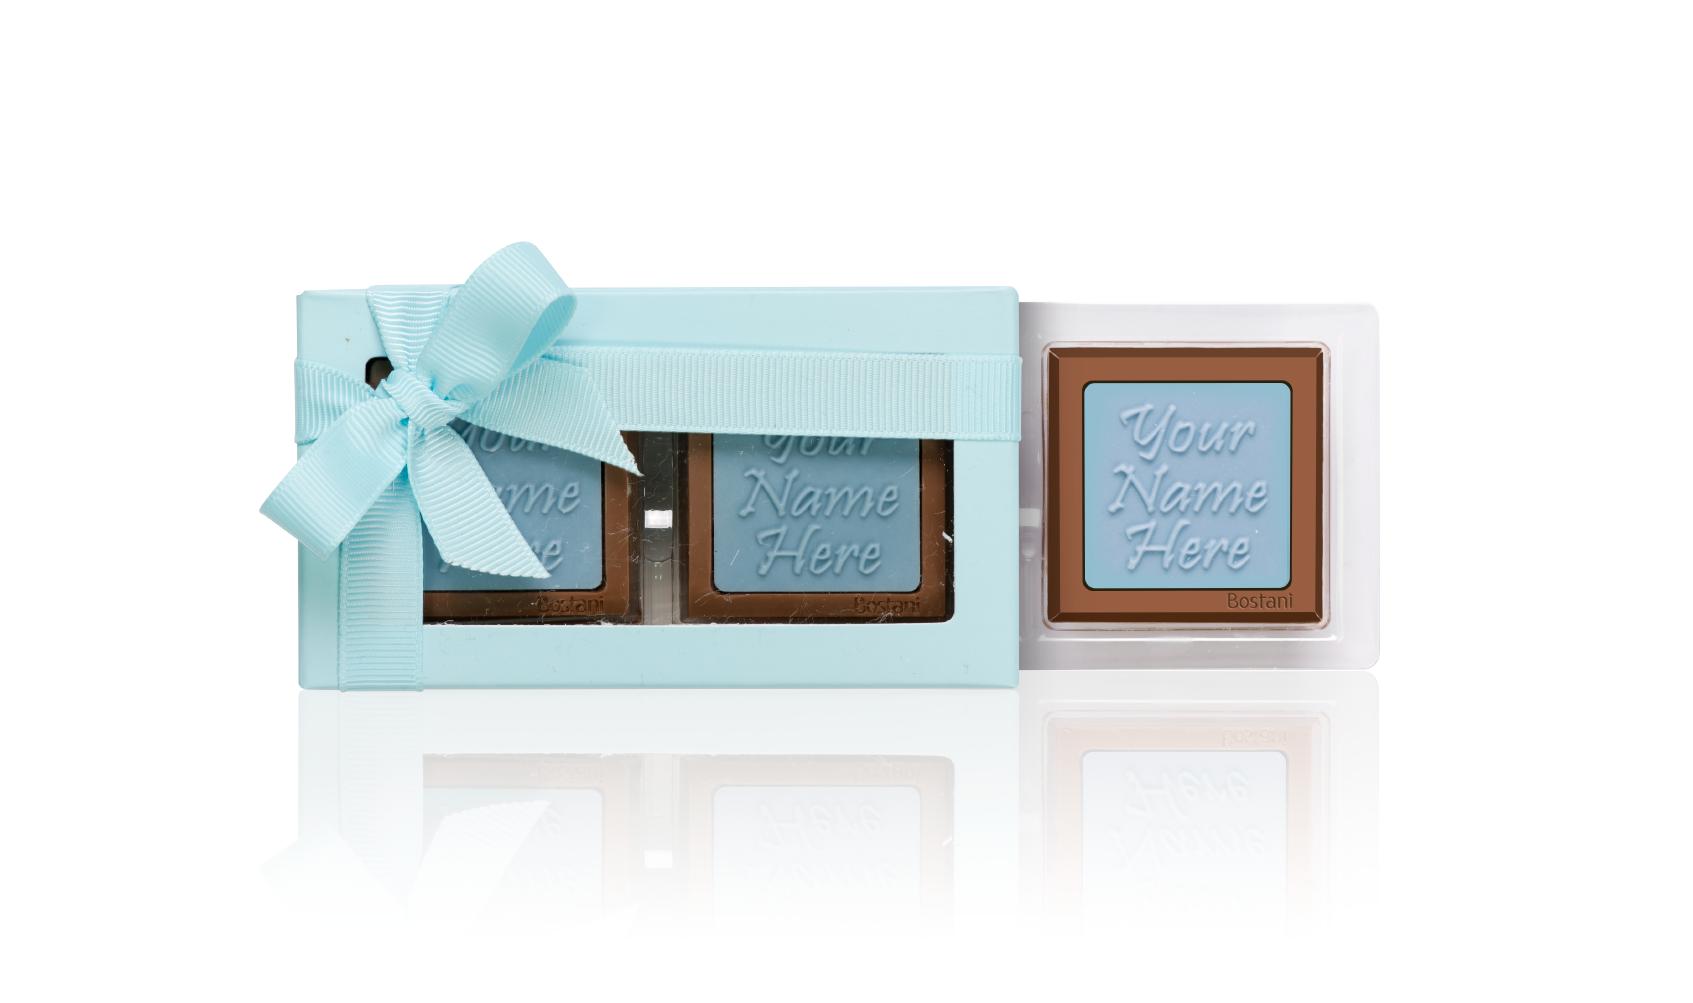 العلبة الشفافة (2 قطعة شوكولا) أزرق